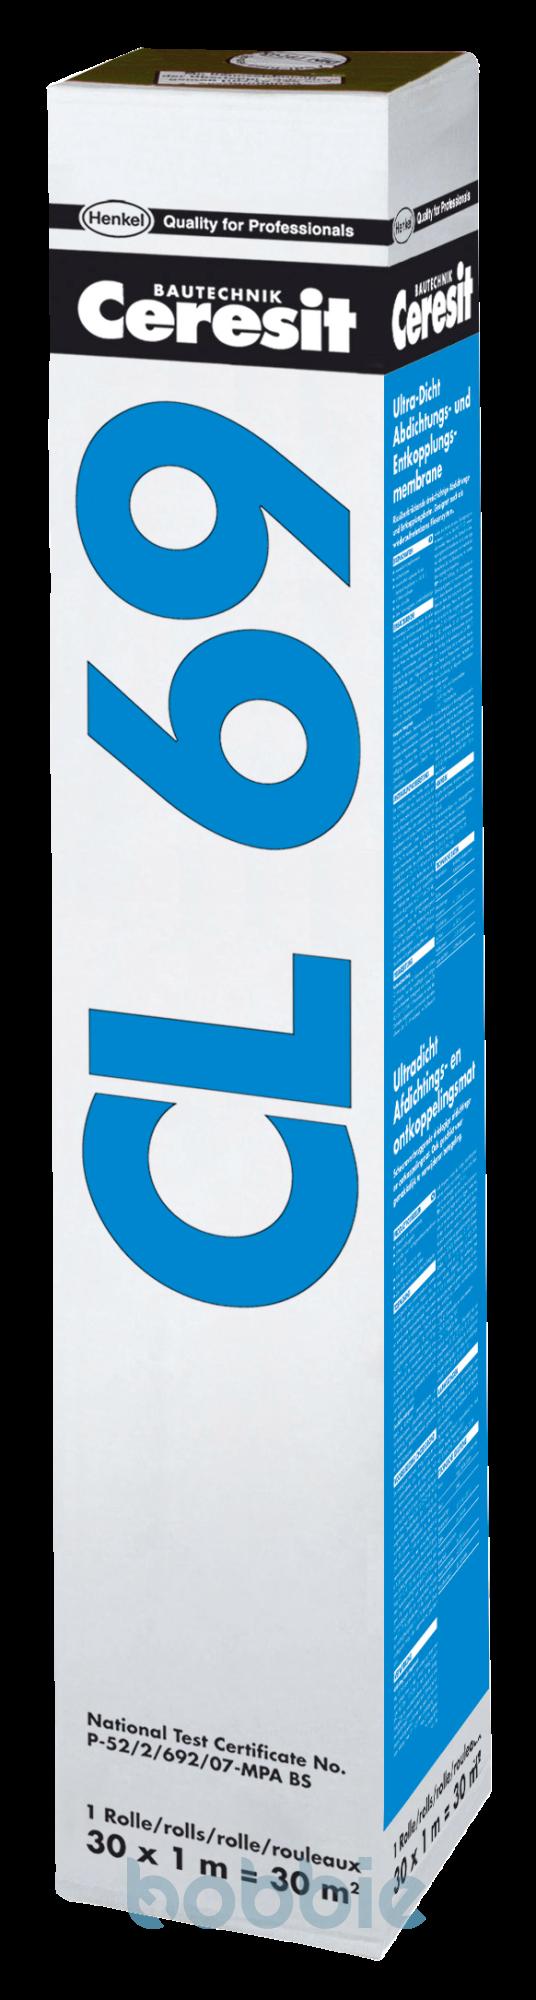 CL 69 Ultradicht & CL 620 Dichtband